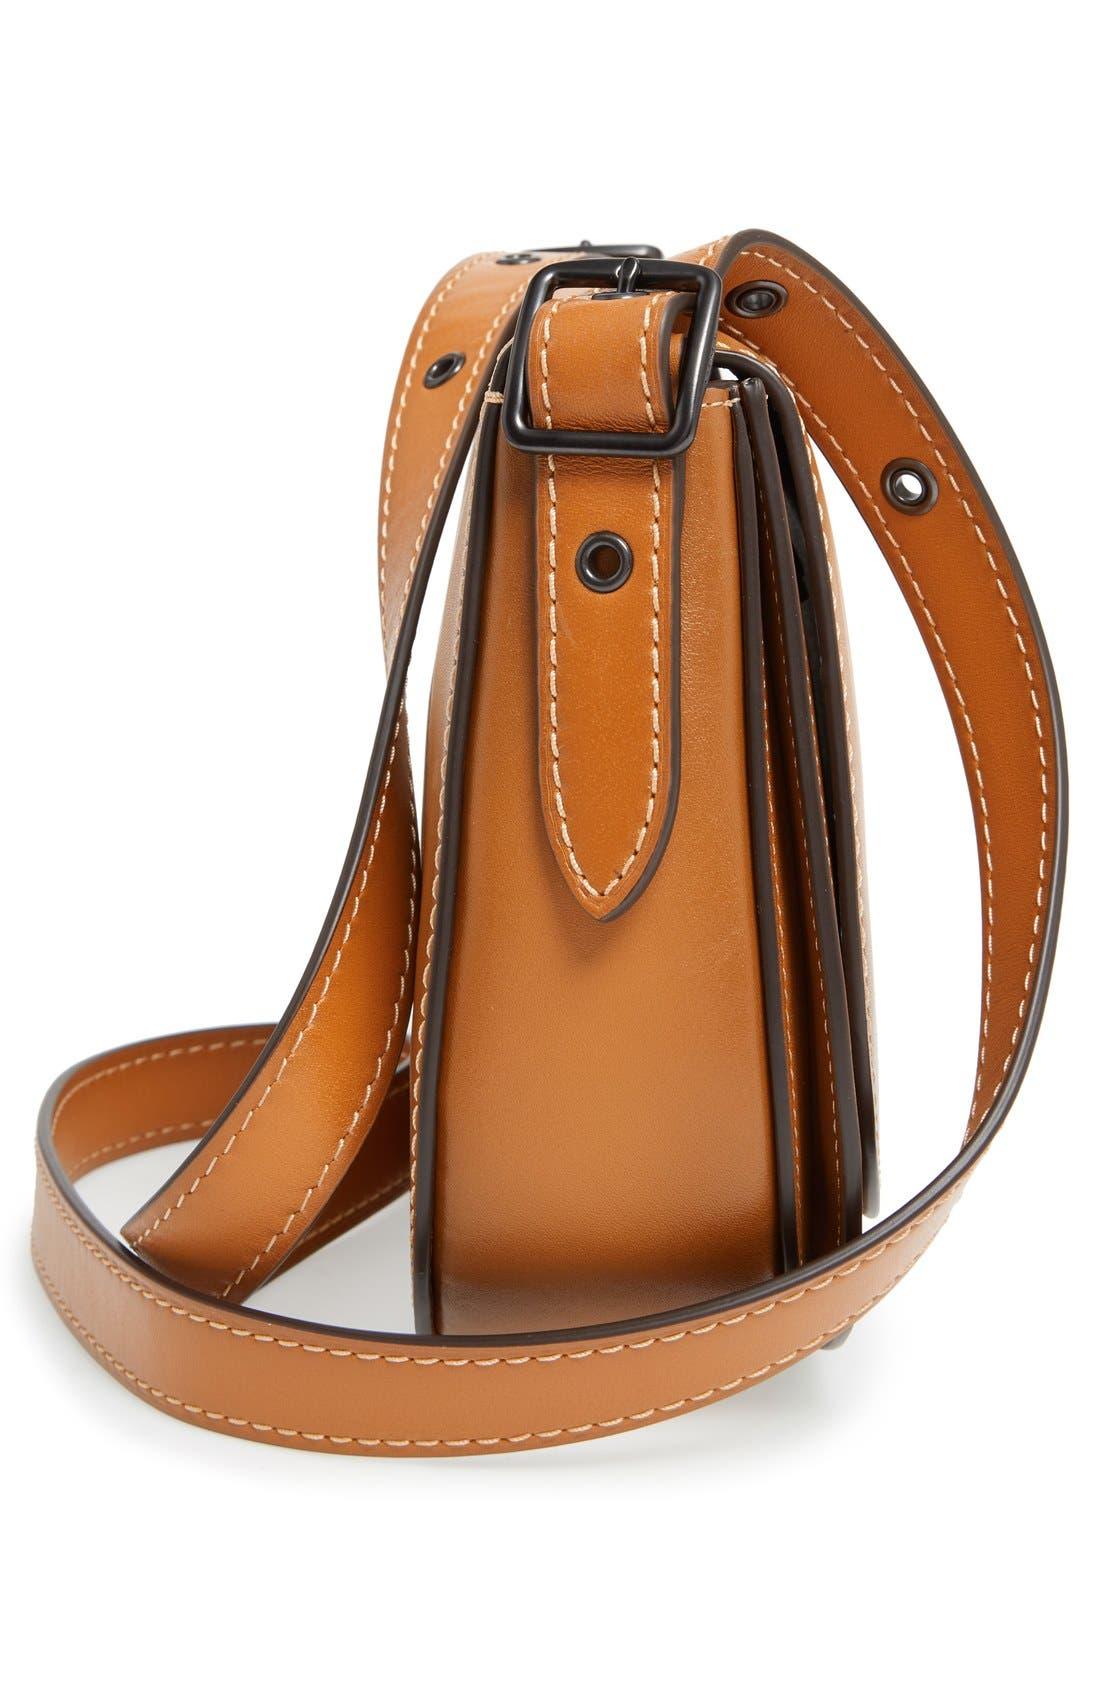 '23' Leather Saddle Bag,                             Alternate thumbnail 5, color,                             Butterscotch